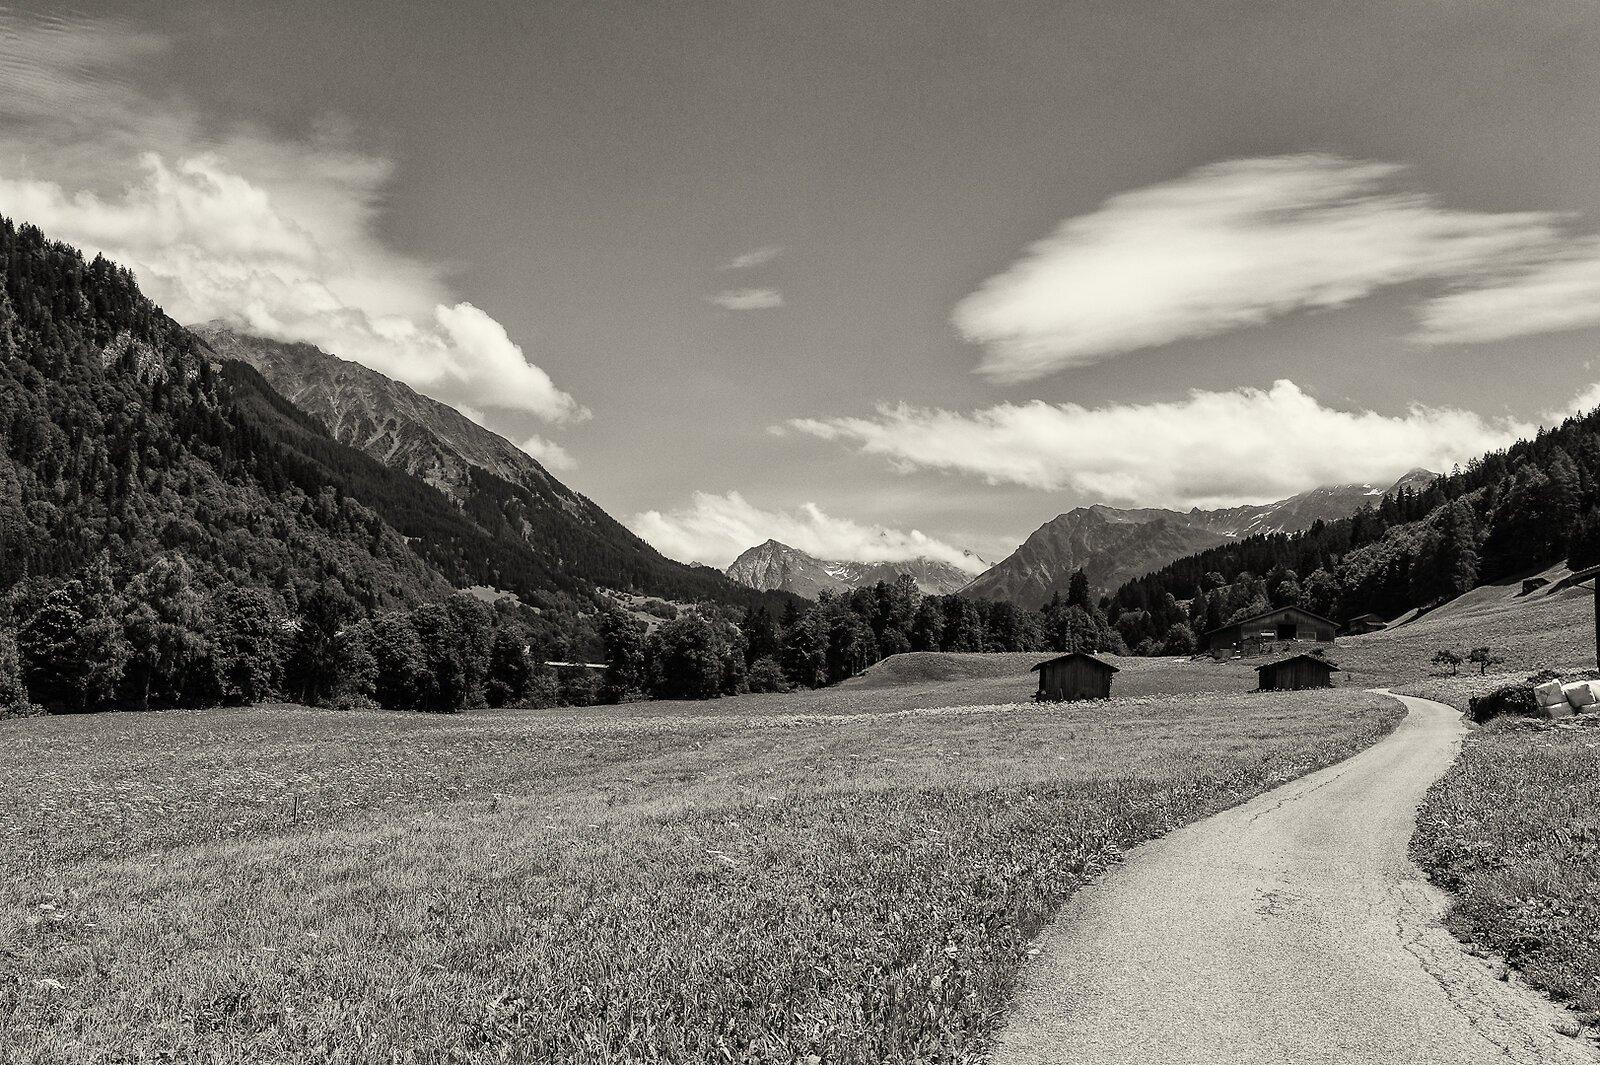 2012-Klosters_2012-07-12_13-43-10_00518-Edit.jpg